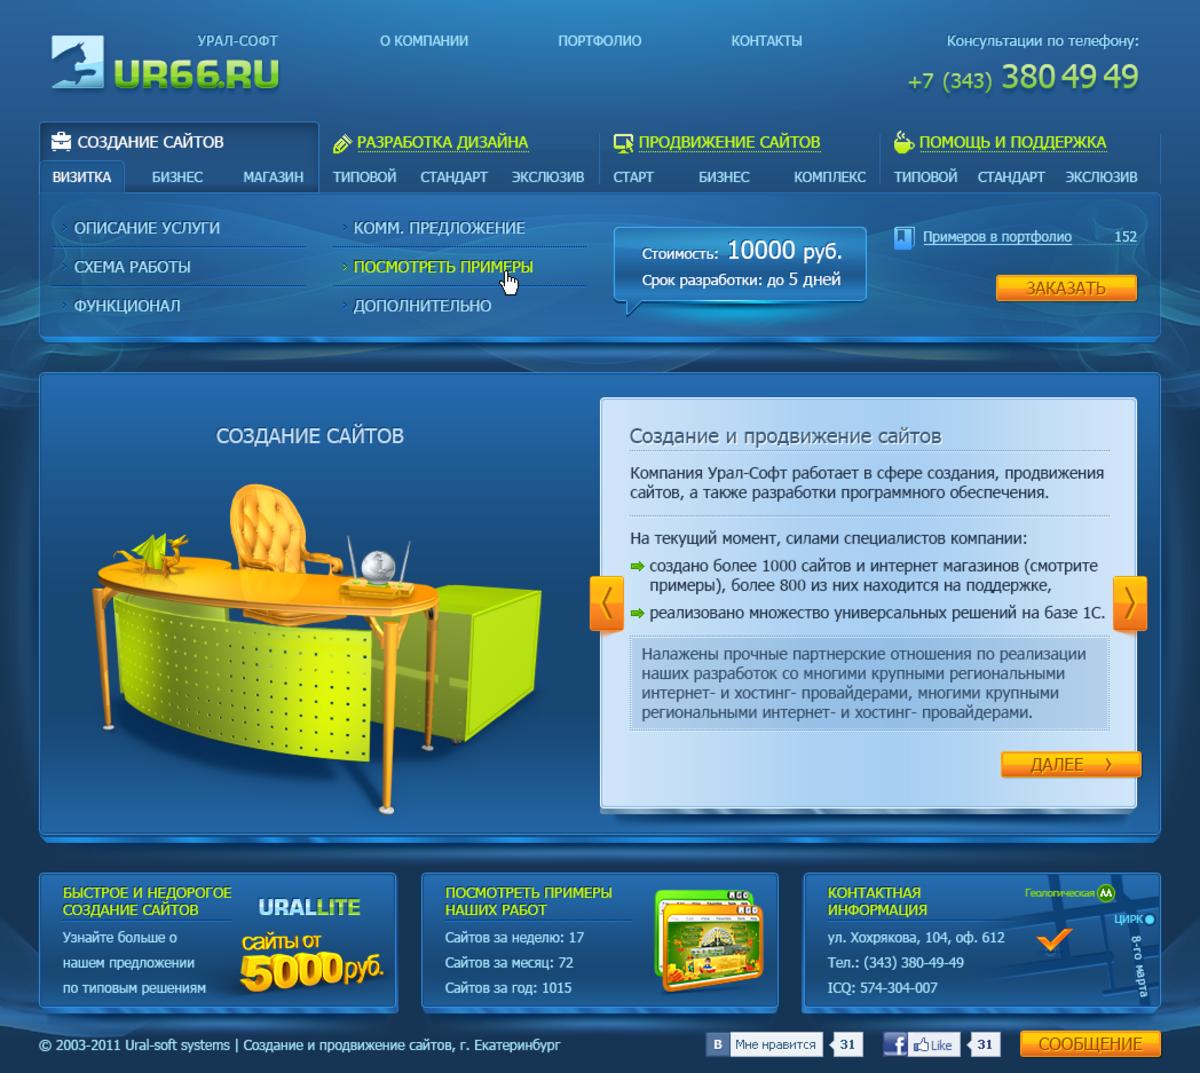 Урал-Софт - Создание и продвижение сайтов / Проект компании Урал-Софт Системс